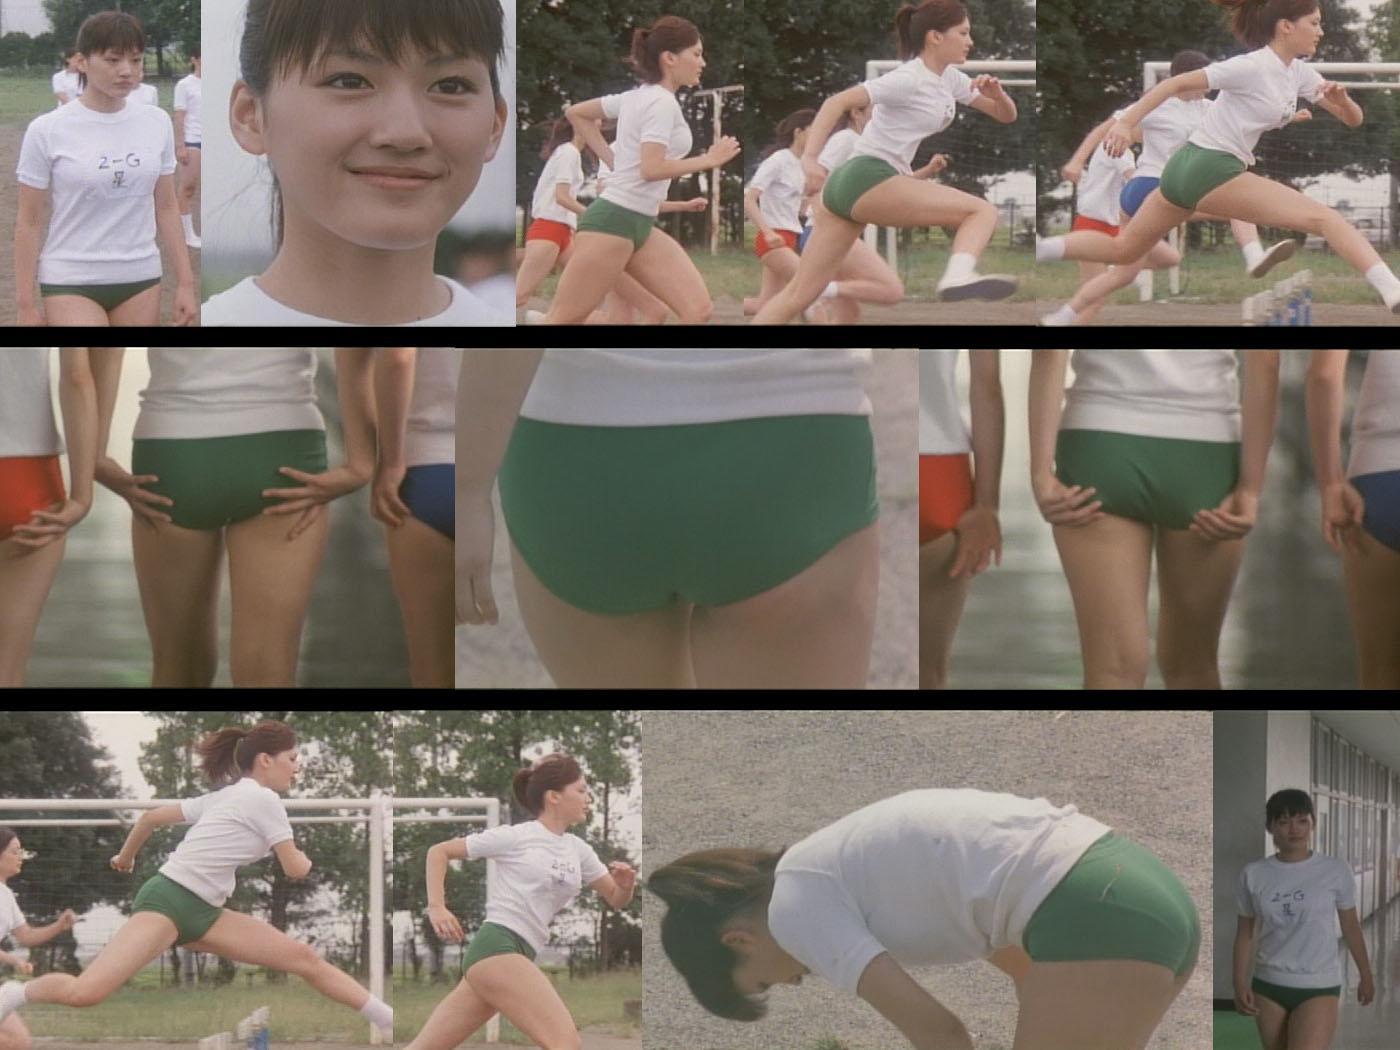 映画「Jam Films」の「JUSTICE」綾瀬はるかの体操服・ブルマ姿